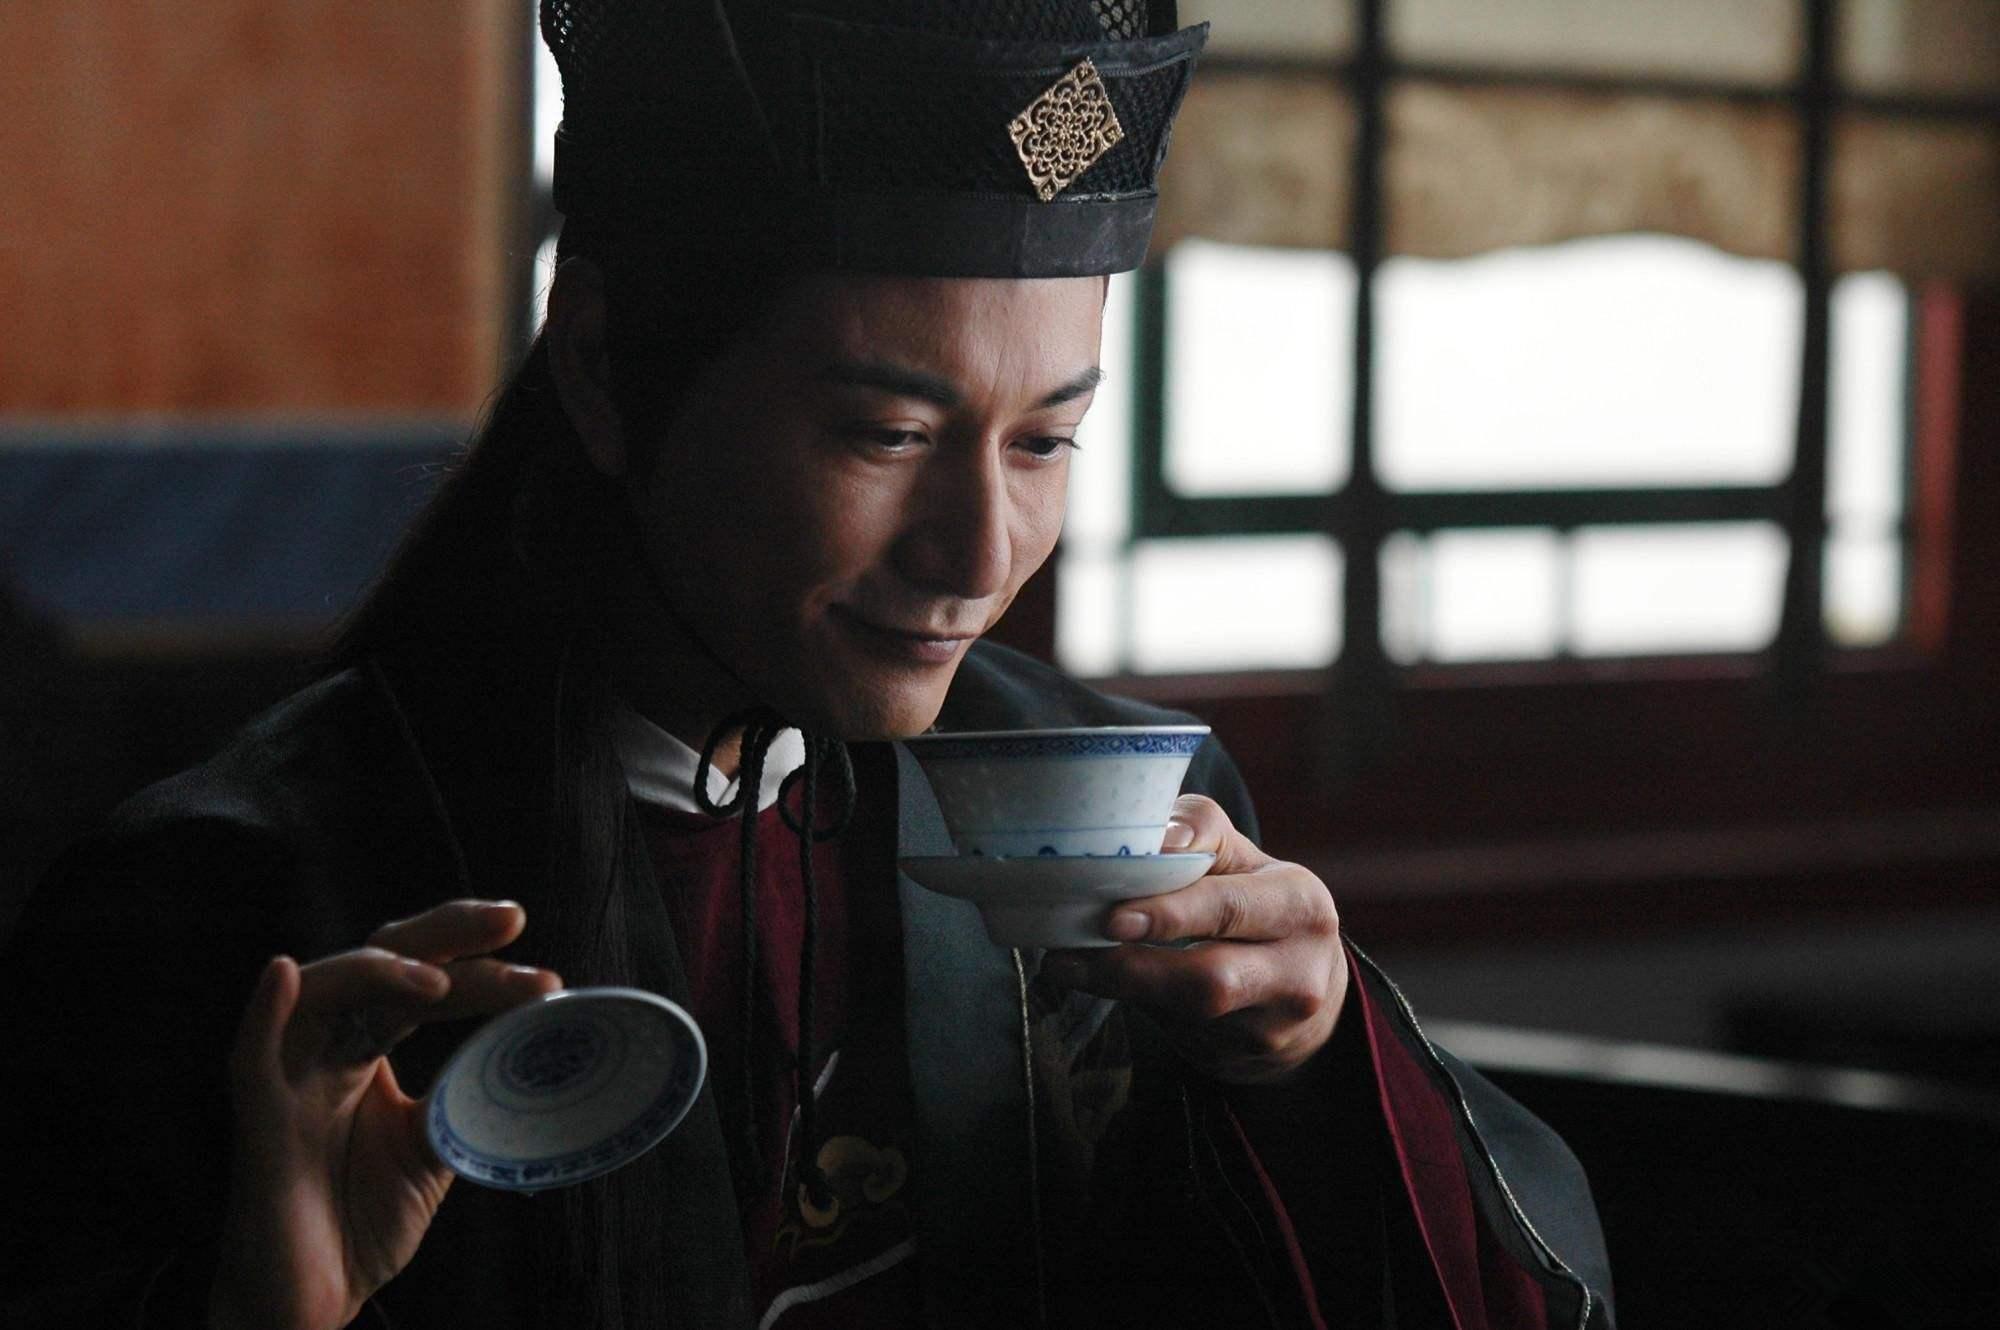 太监被切的地方图片,太监是割哪里 图-清朝历史